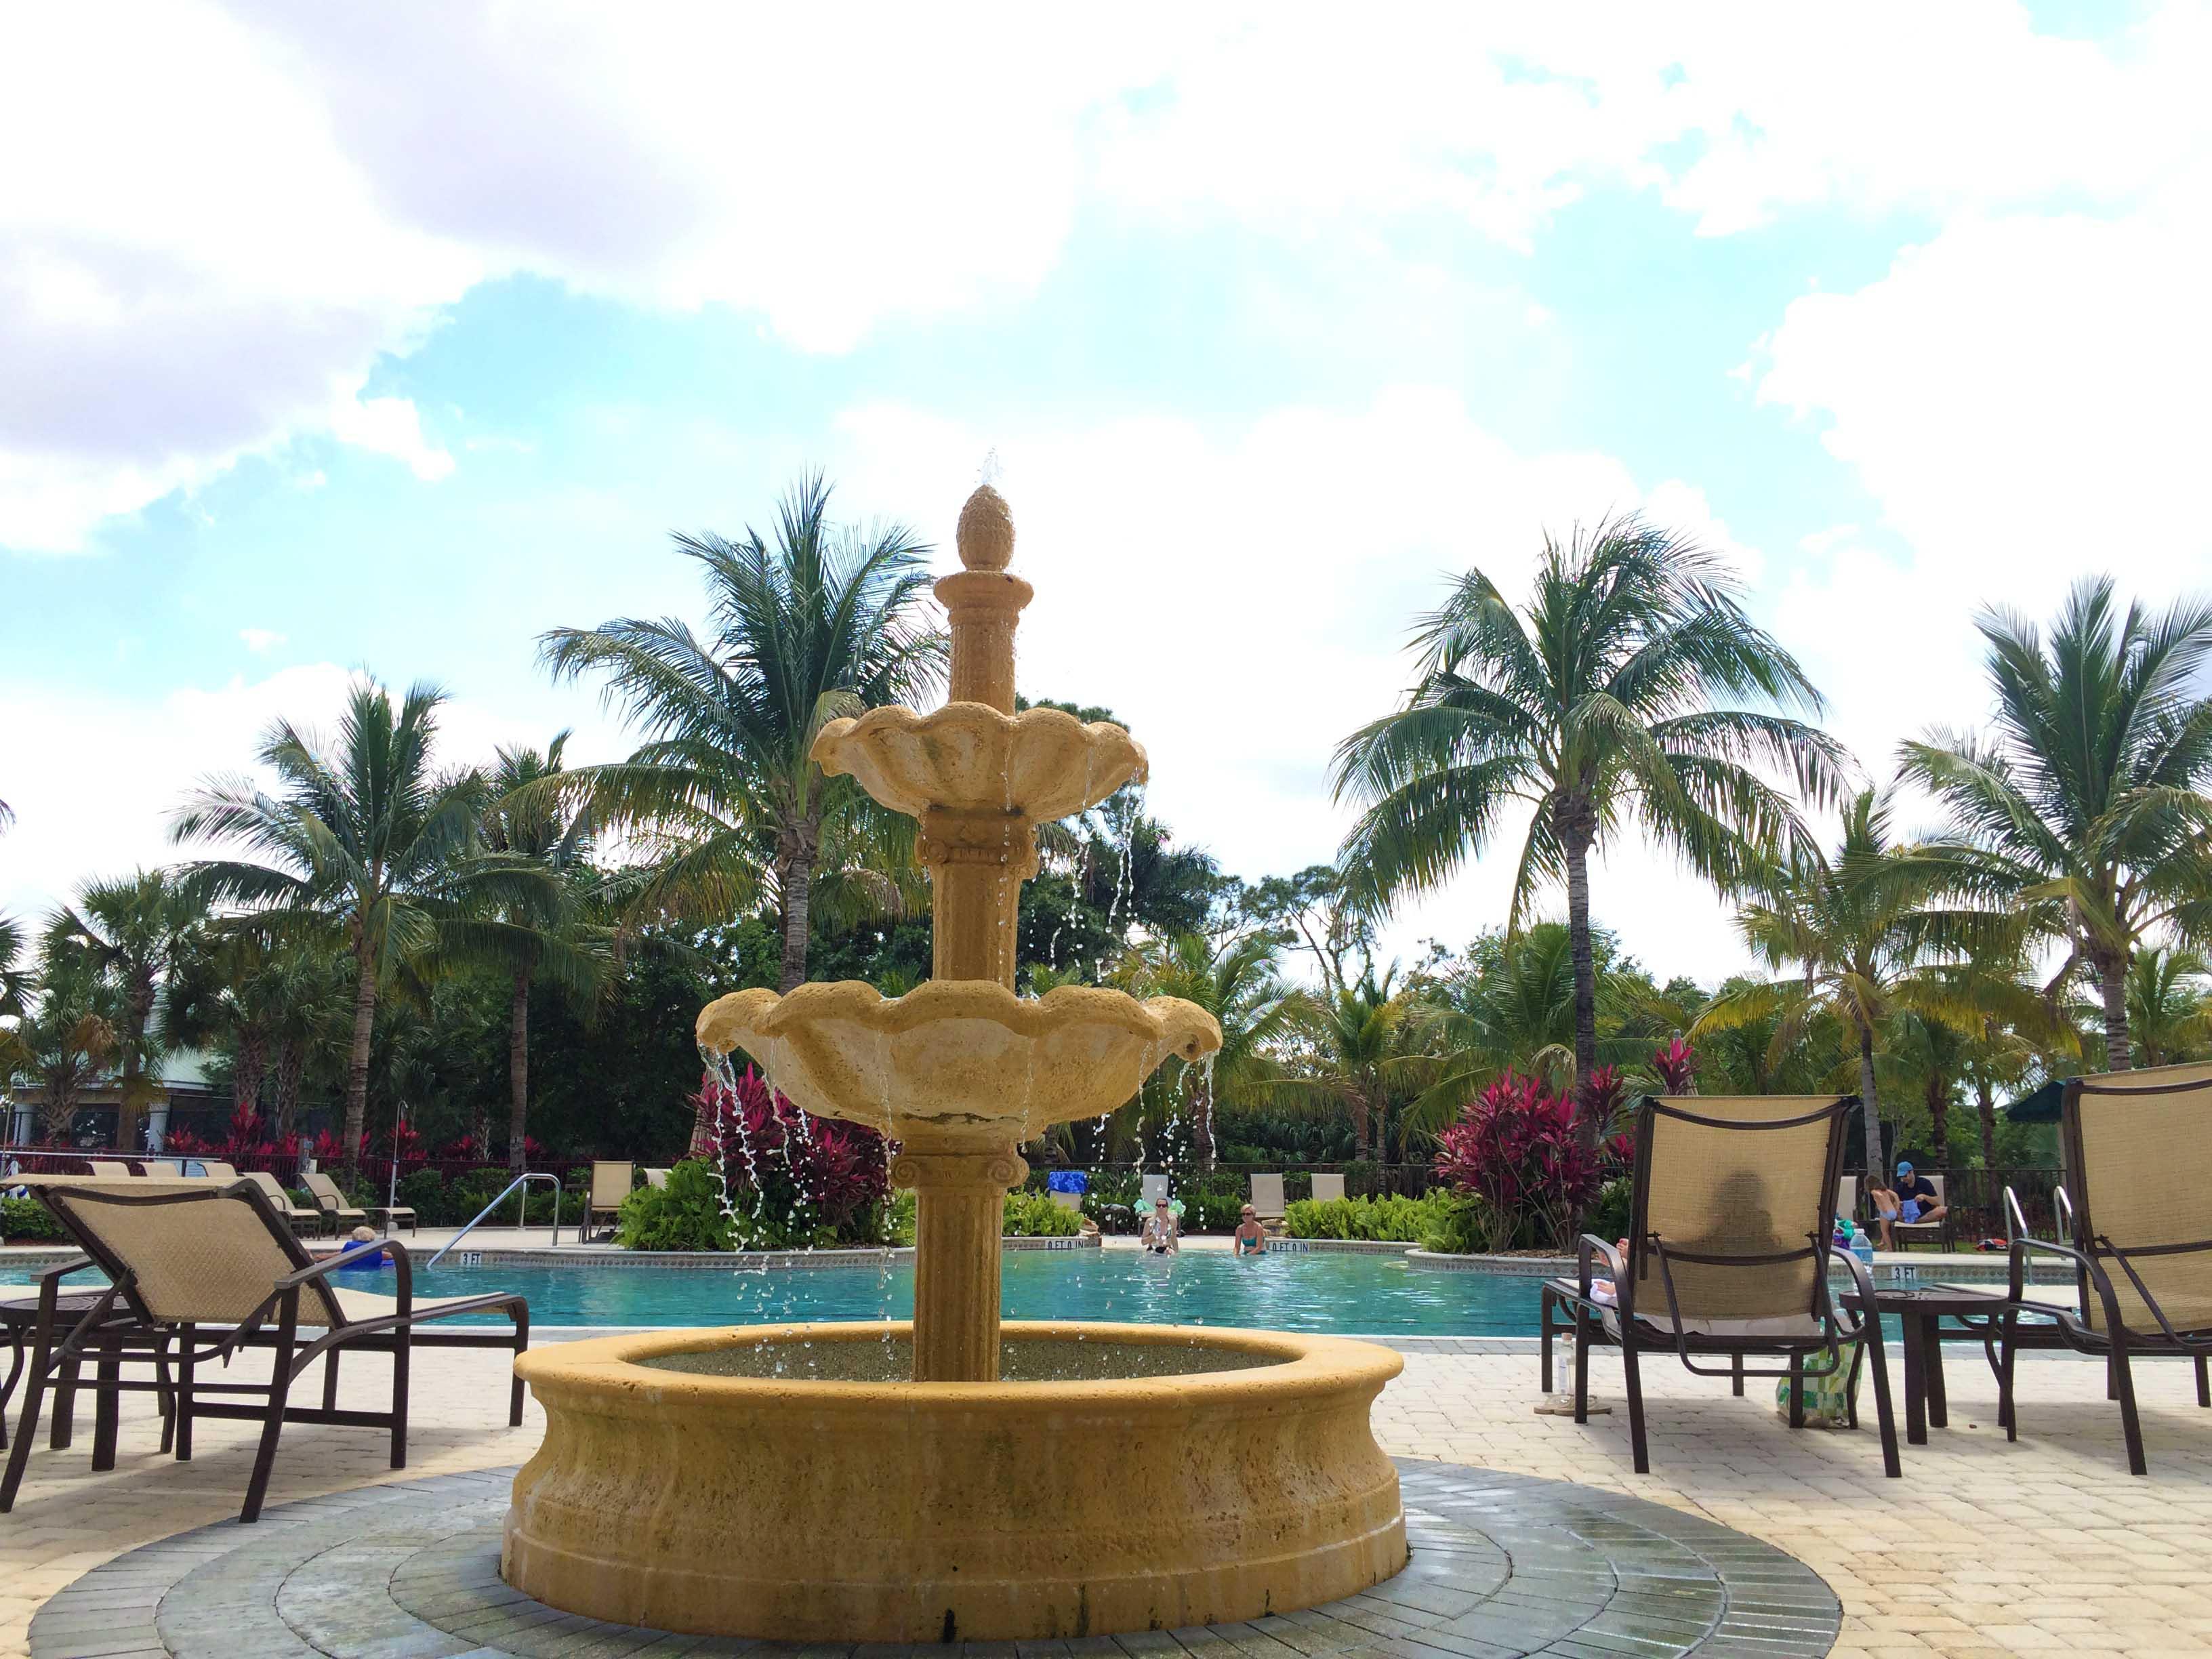 fort-myers-amenities-moody-river-pool.jpg